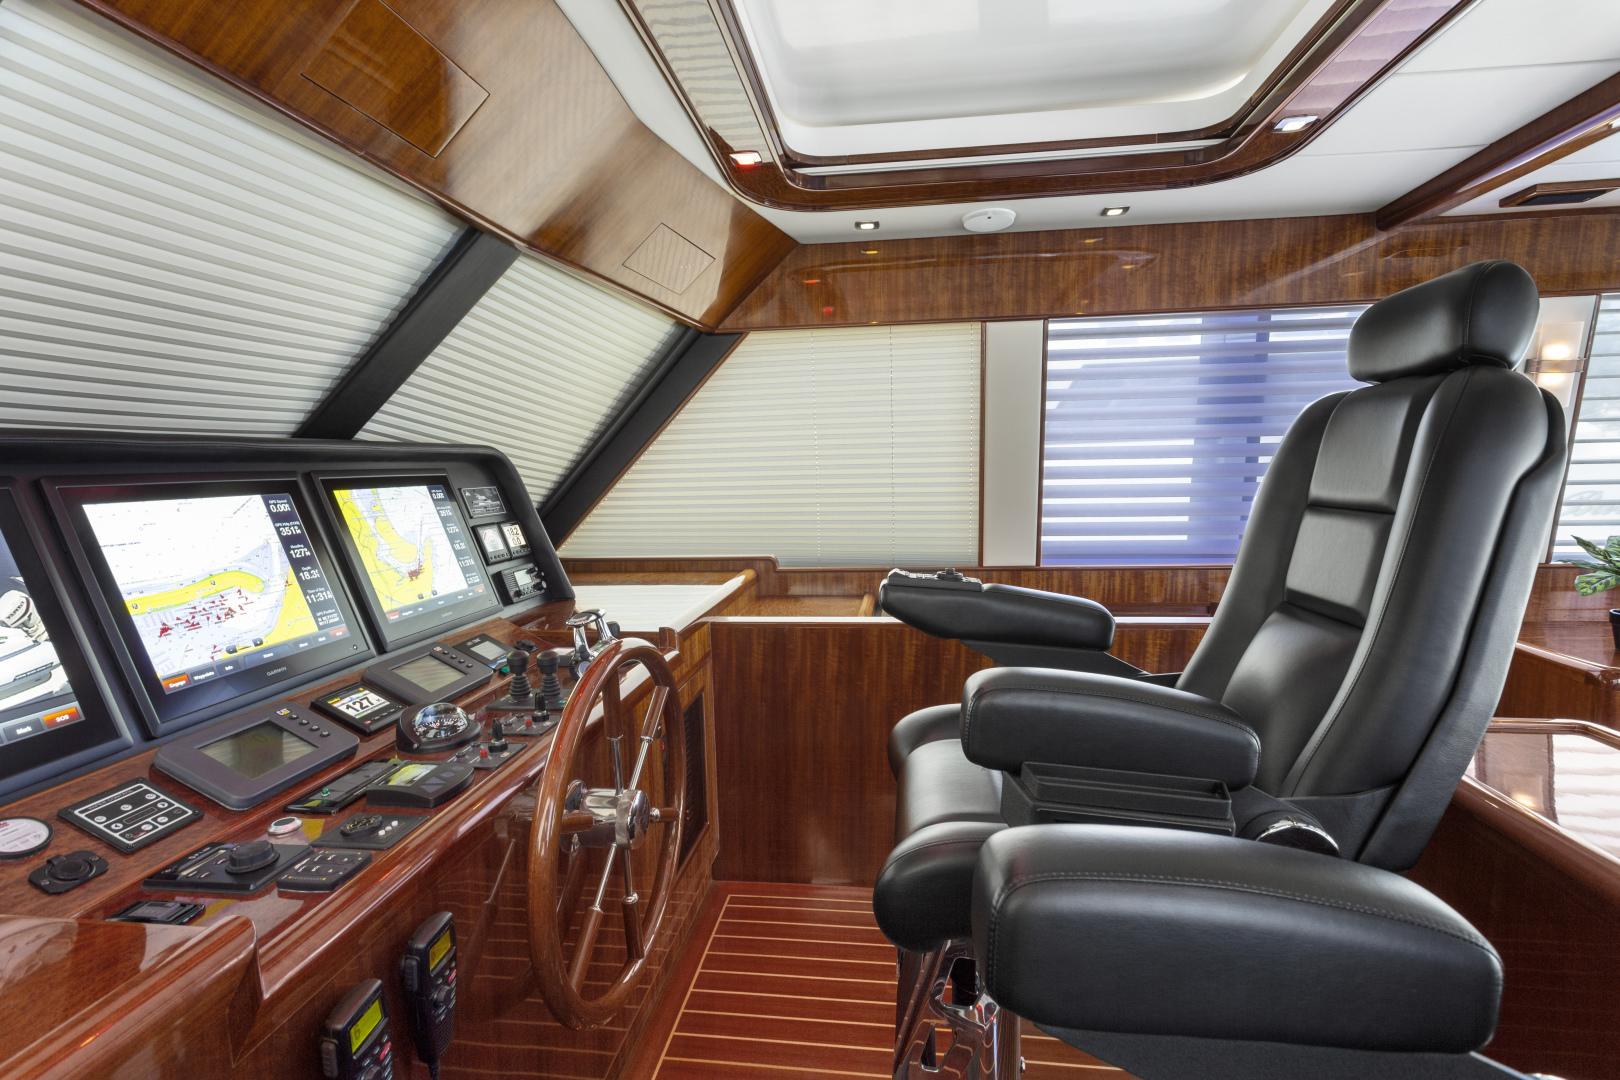 Hampton-76 Skylounge Motoryacht 2014-ODYSEA San Diego-California-United States-PILOTHOUSE-1165146 | Thumbnail